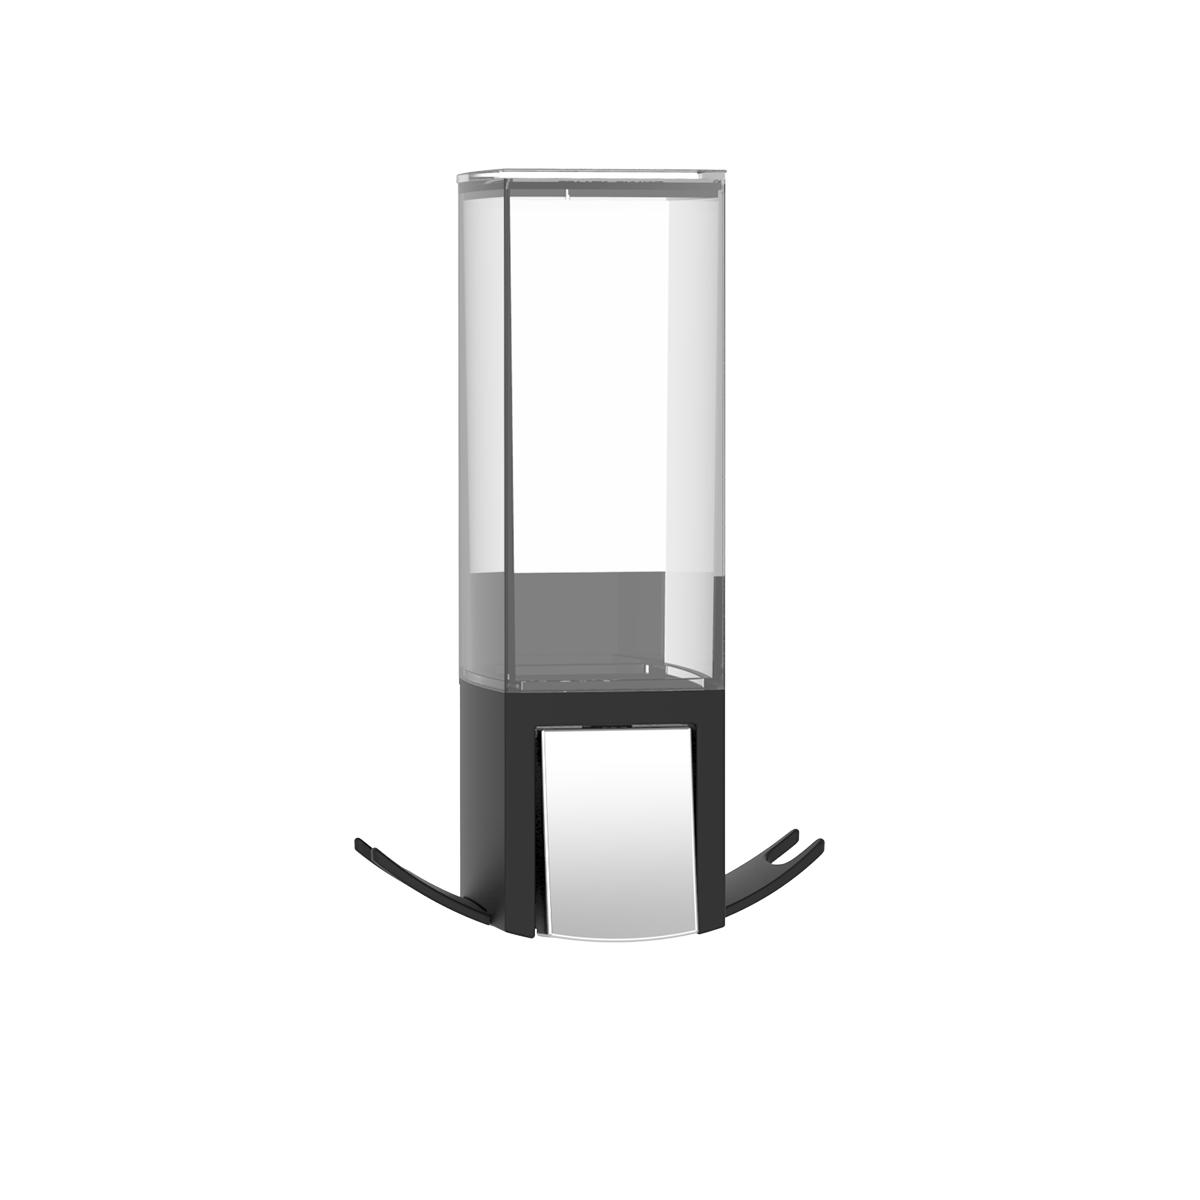 betec ideen rund f r haushalt und bad clever i seifenspender schwarz. Black Bedroom Furniture Sets. Home Design Ideas